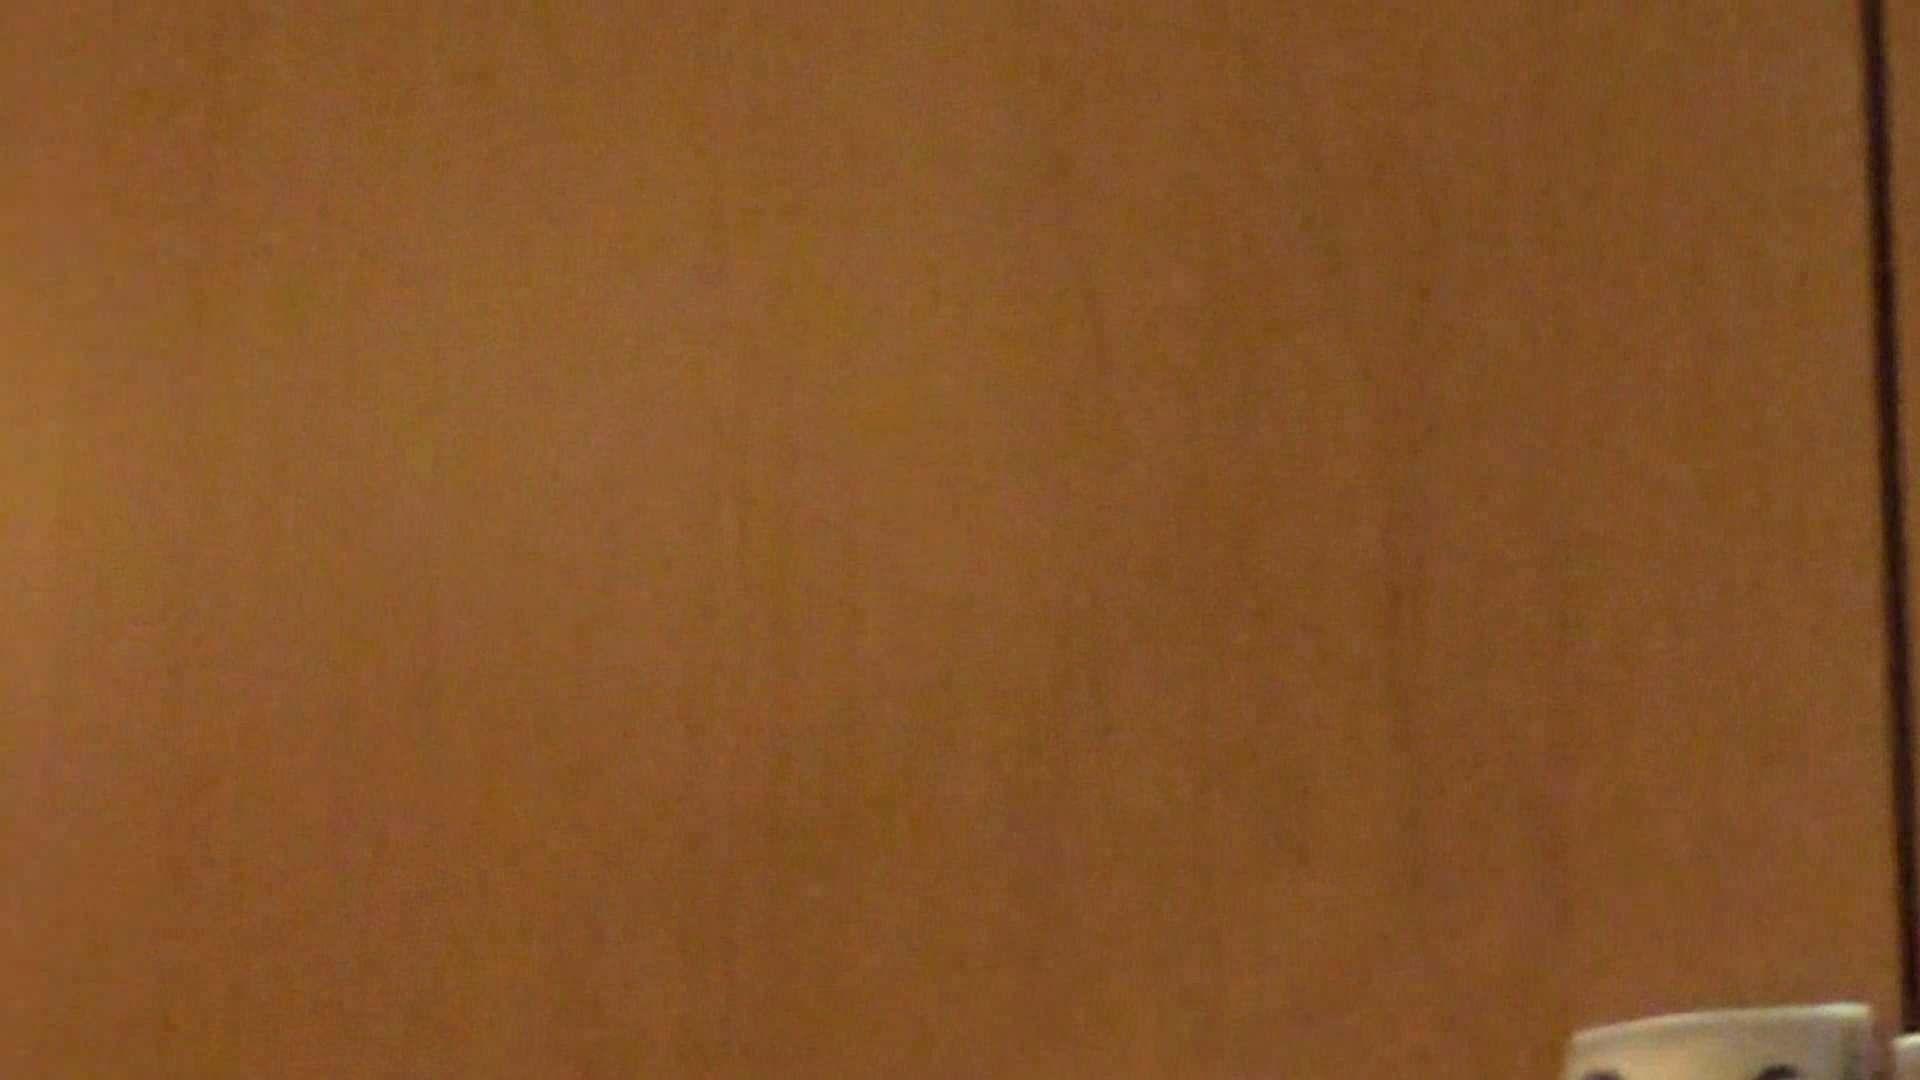 「噂」の国の厠観察日記2 Vol.05 人気シリーズ | OLのエロ生活  108連発 13